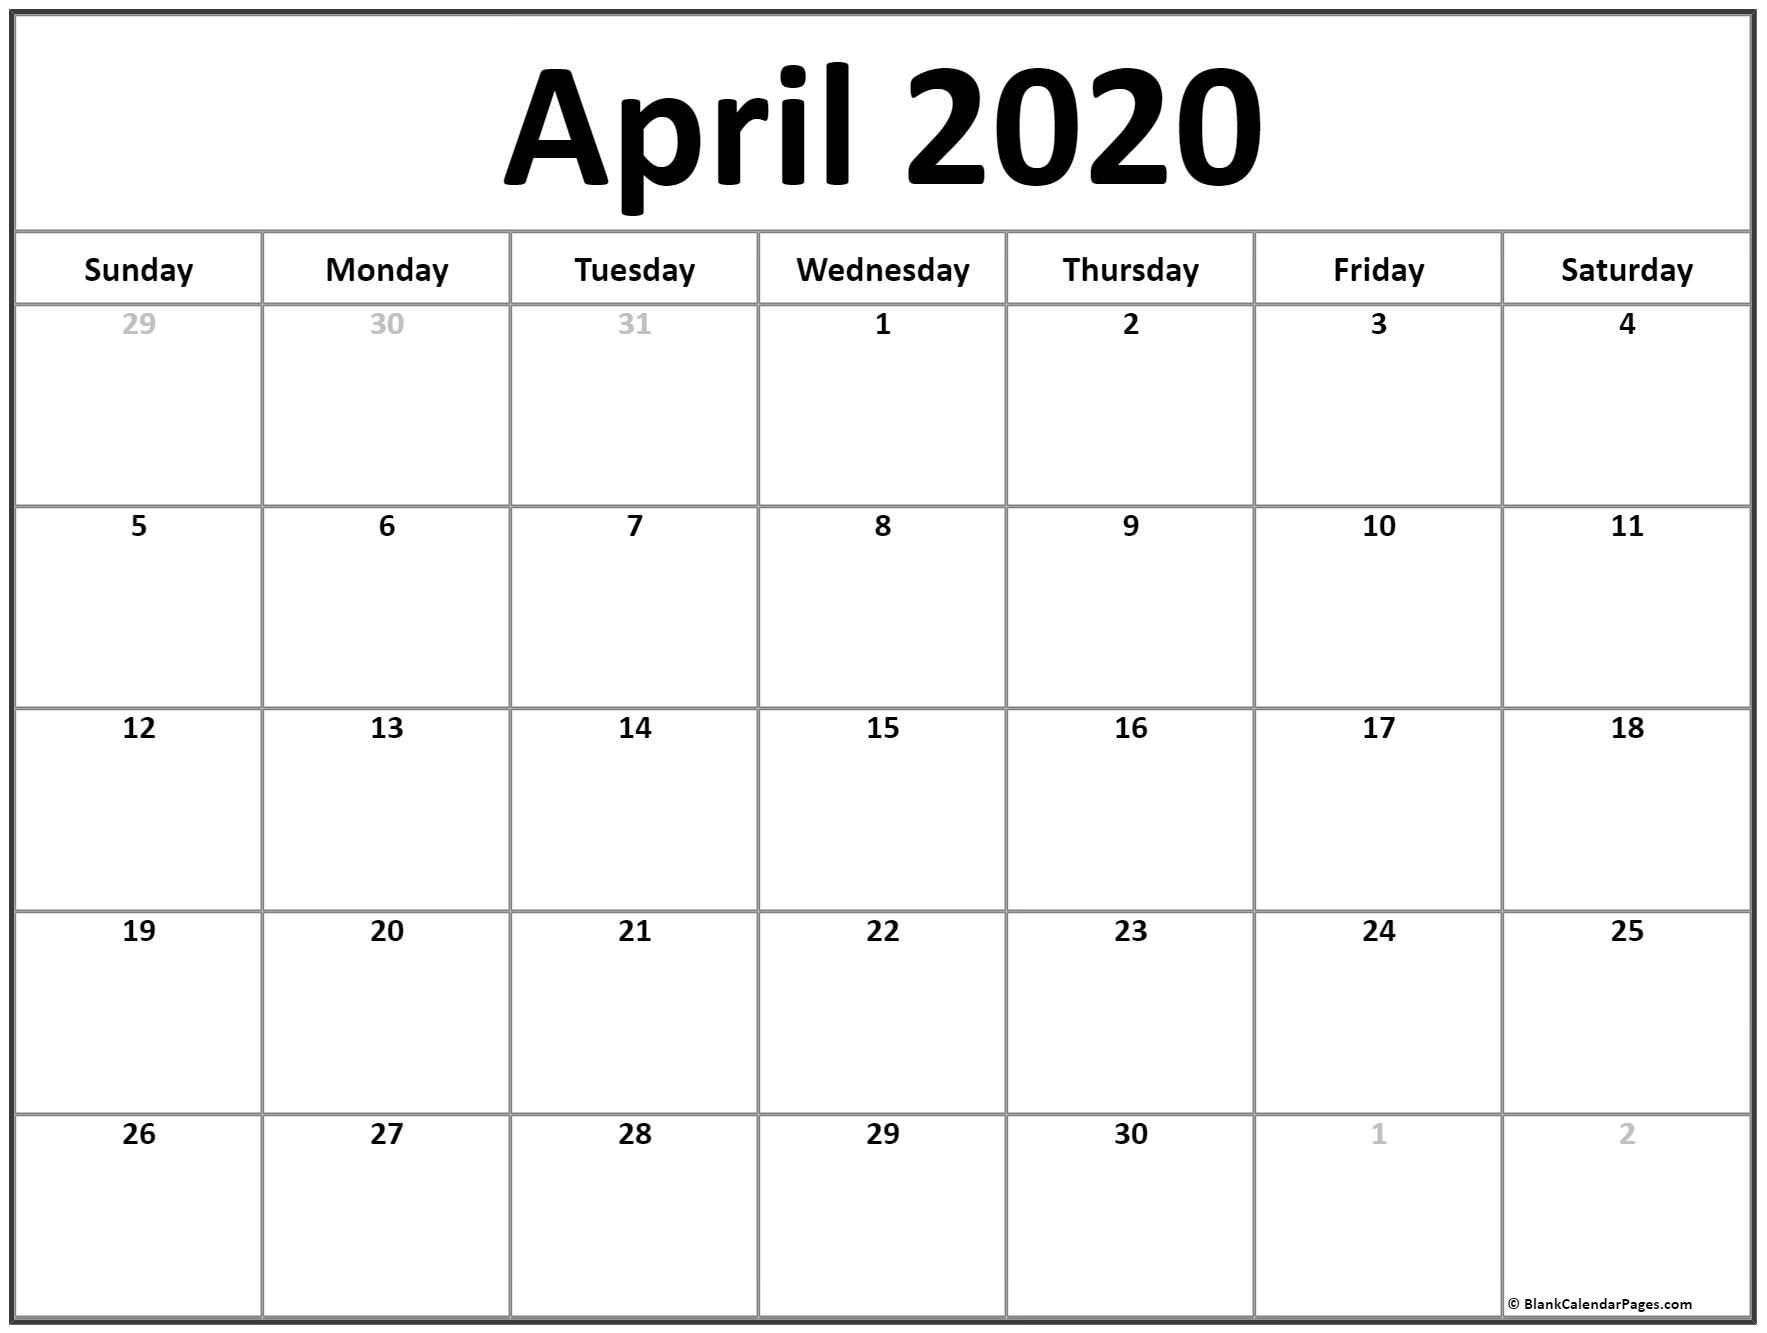 Calendar April 2020 Printable April 2020 Calendar